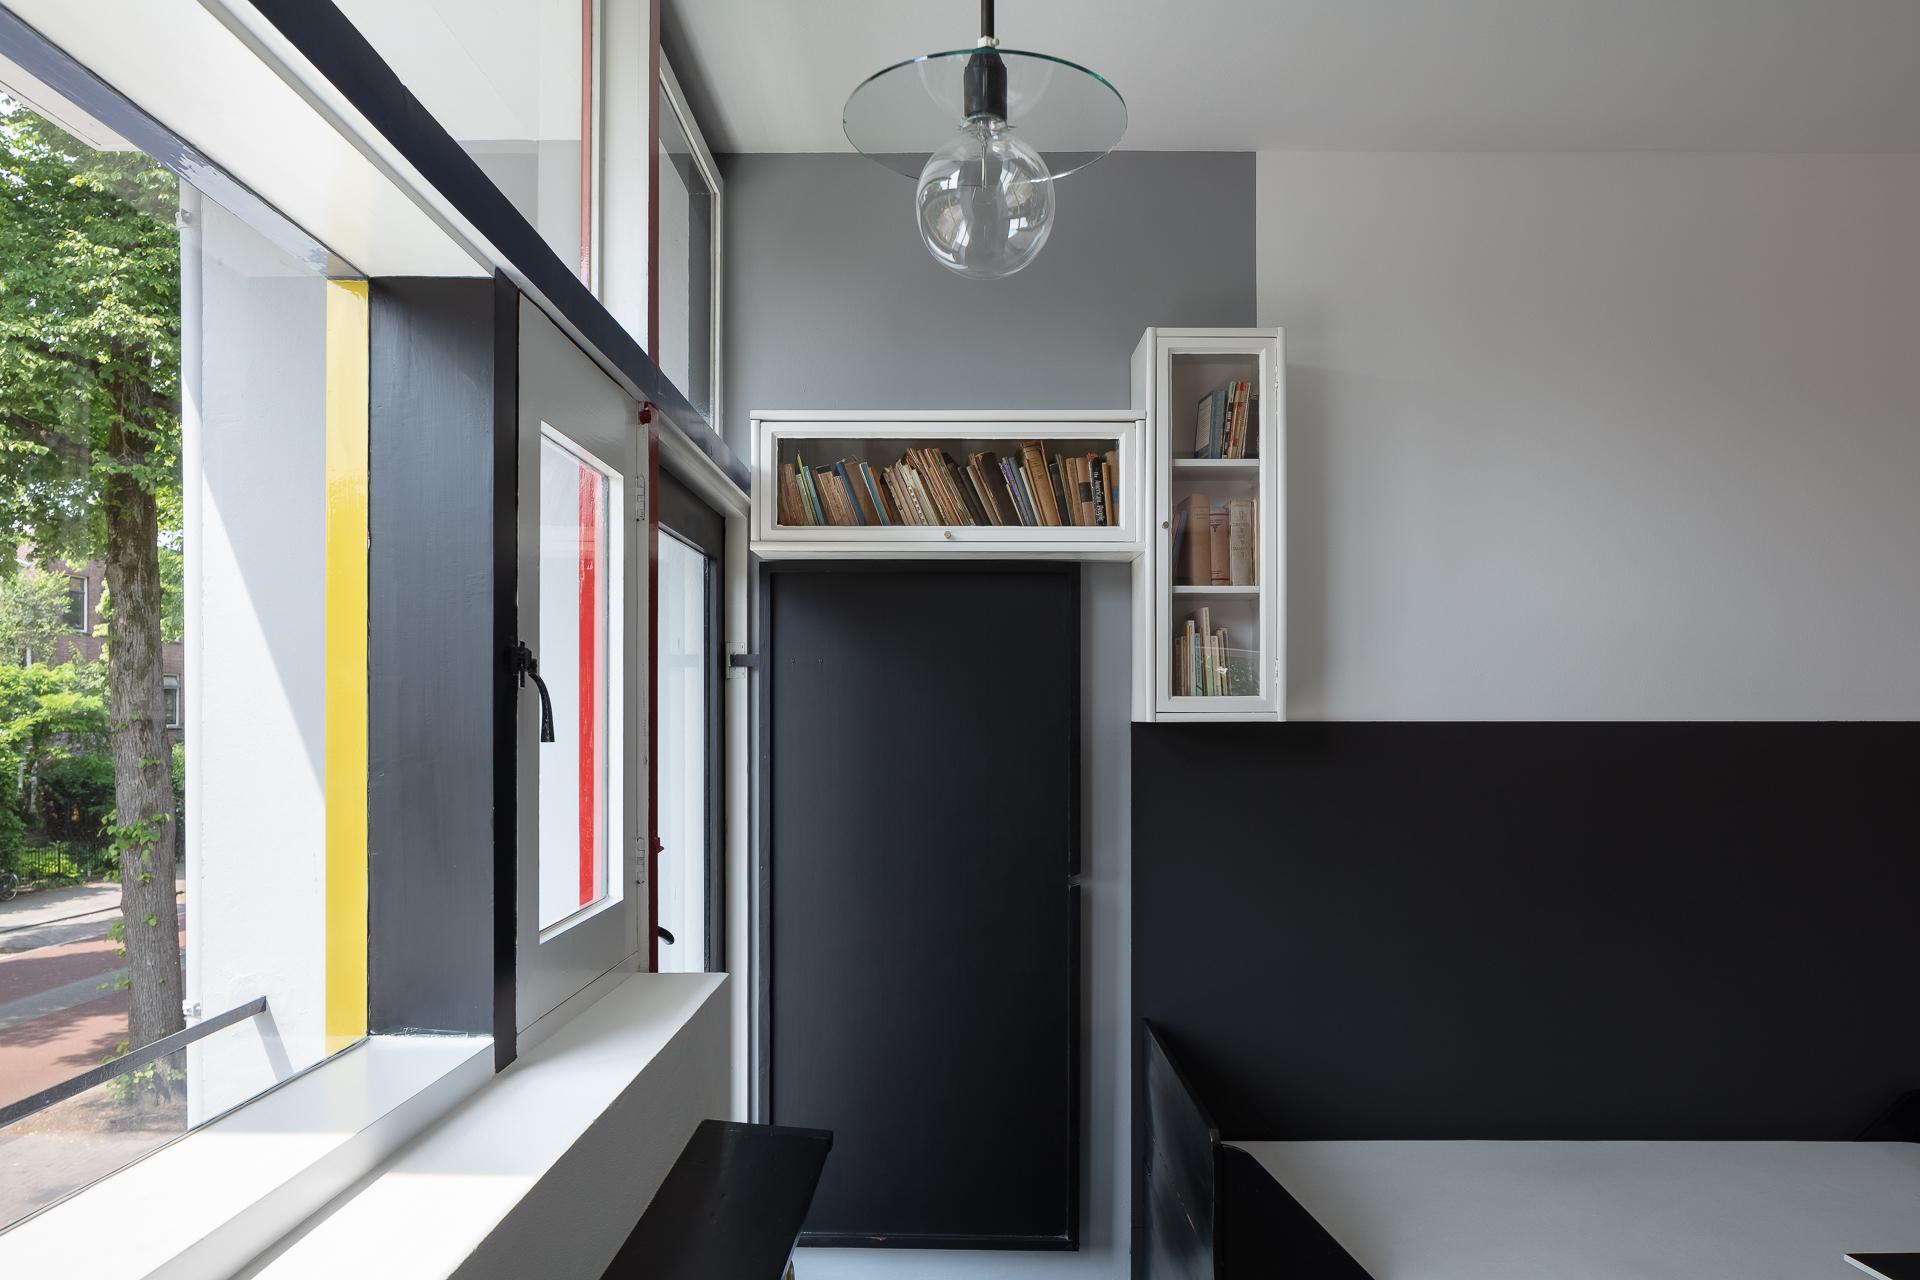 SP2018-Rietveld-Schroderhuis-11-LowRes